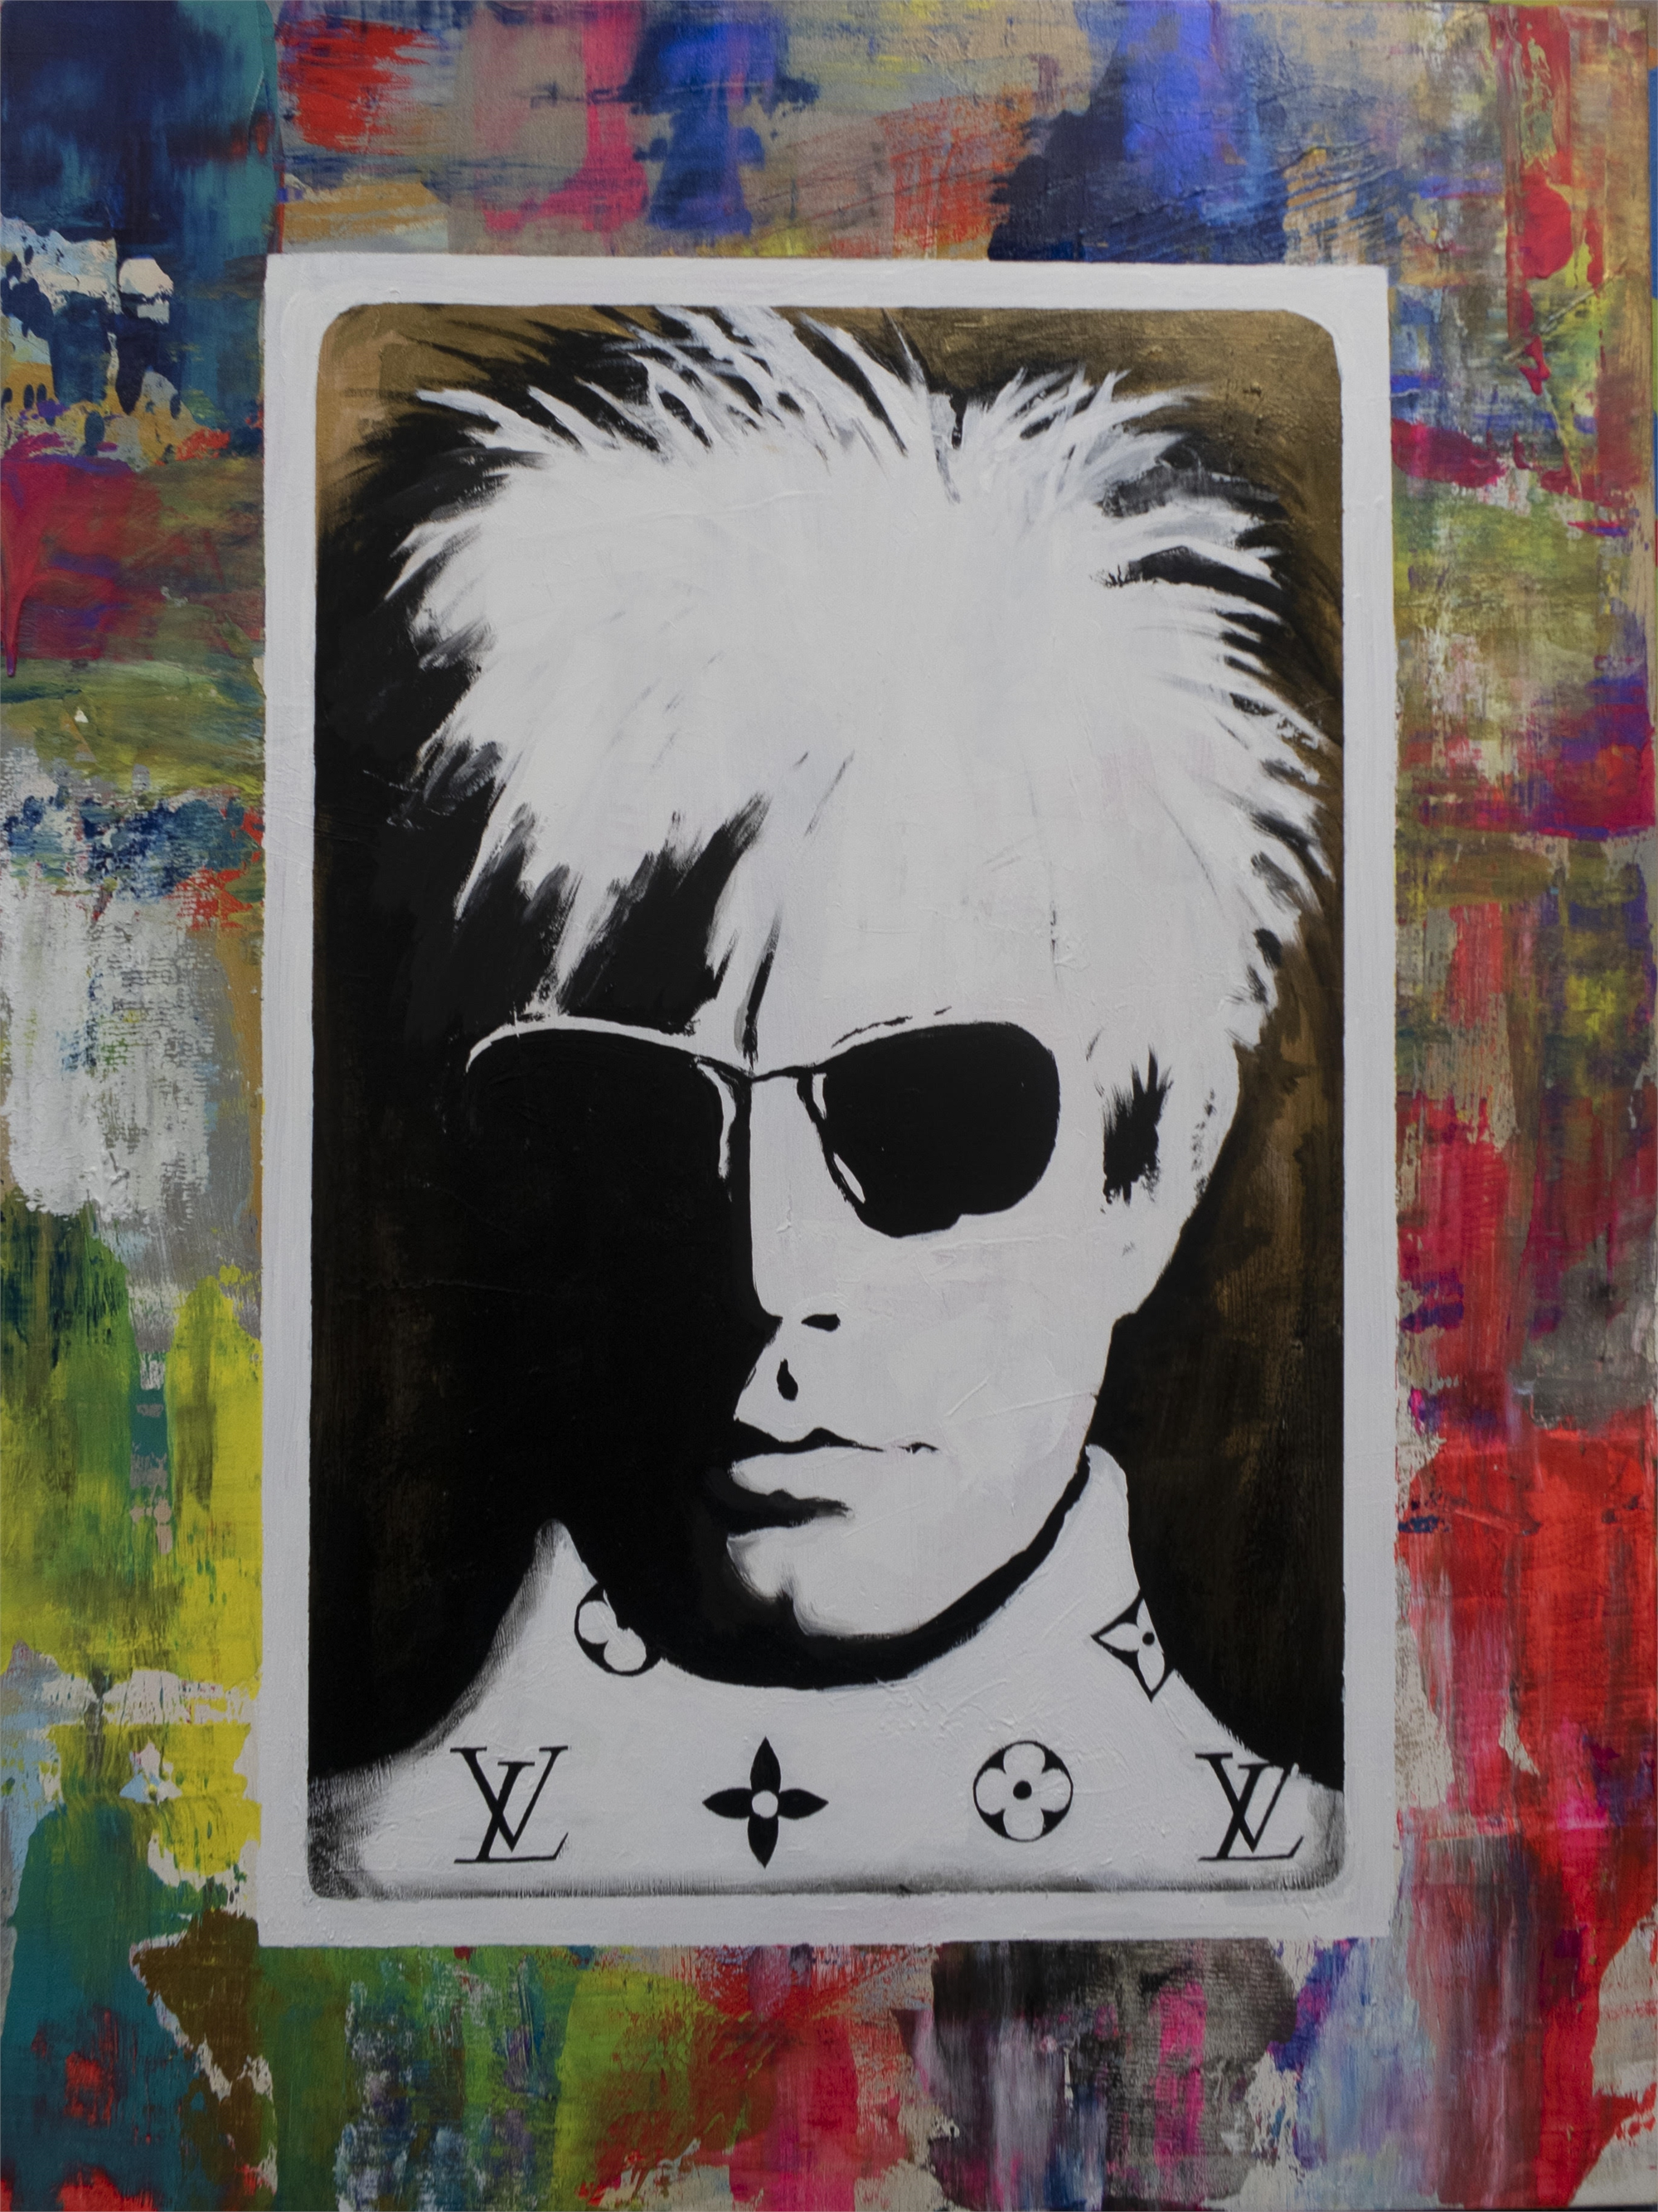 Warhol With Shades by Daniel Maltzman